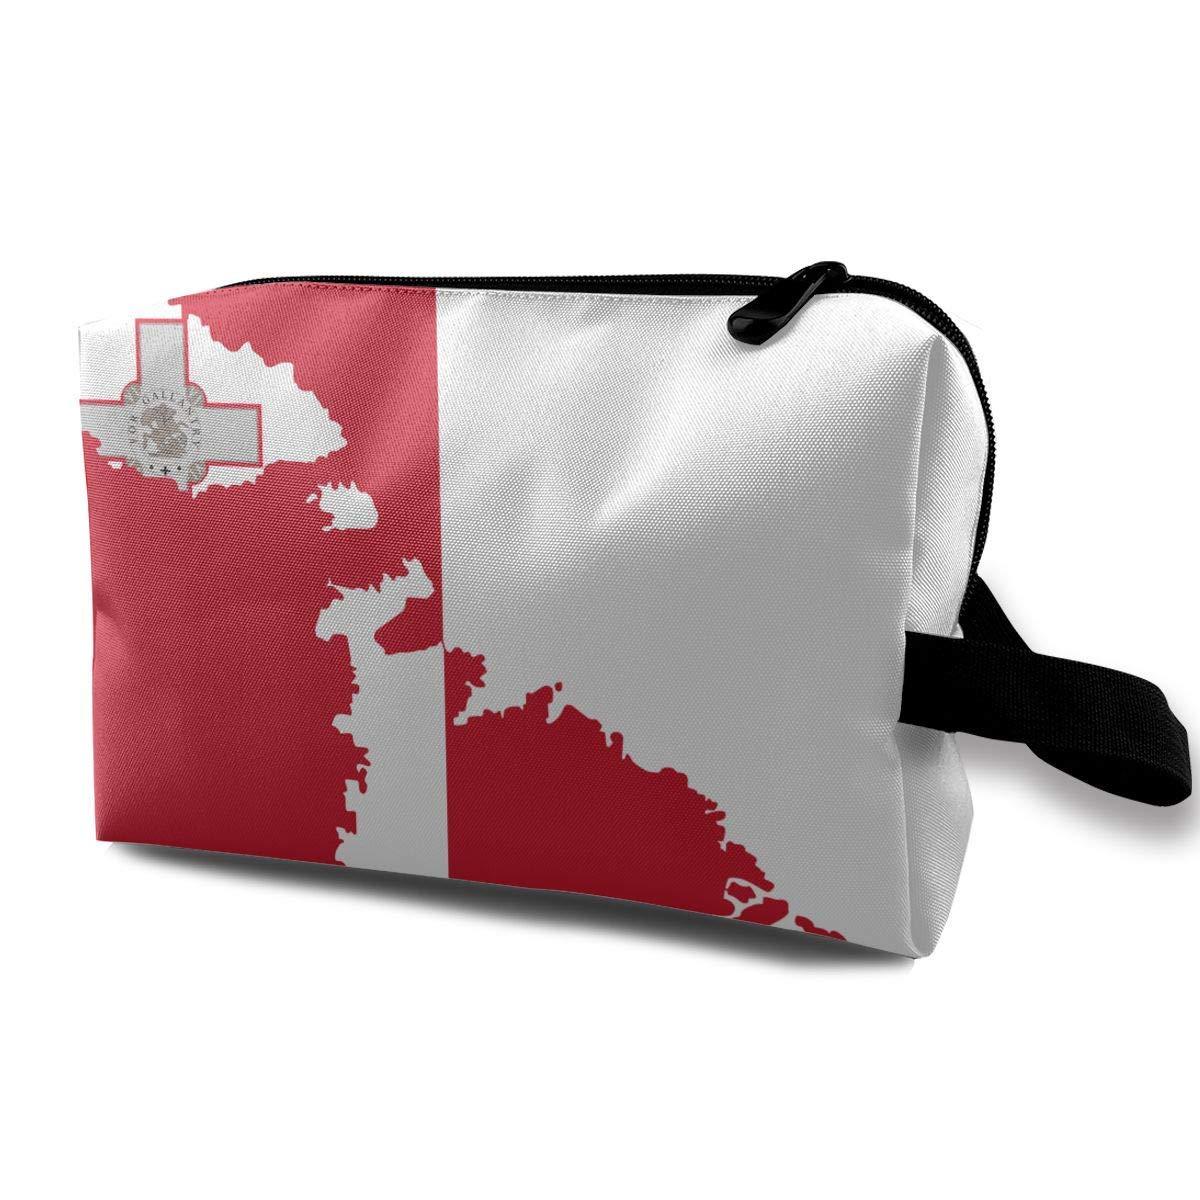 Malta Map Flag Bolsas de cosm/éticos peque/ñas Bolsa de maquillaje de viaje Organizador de moda